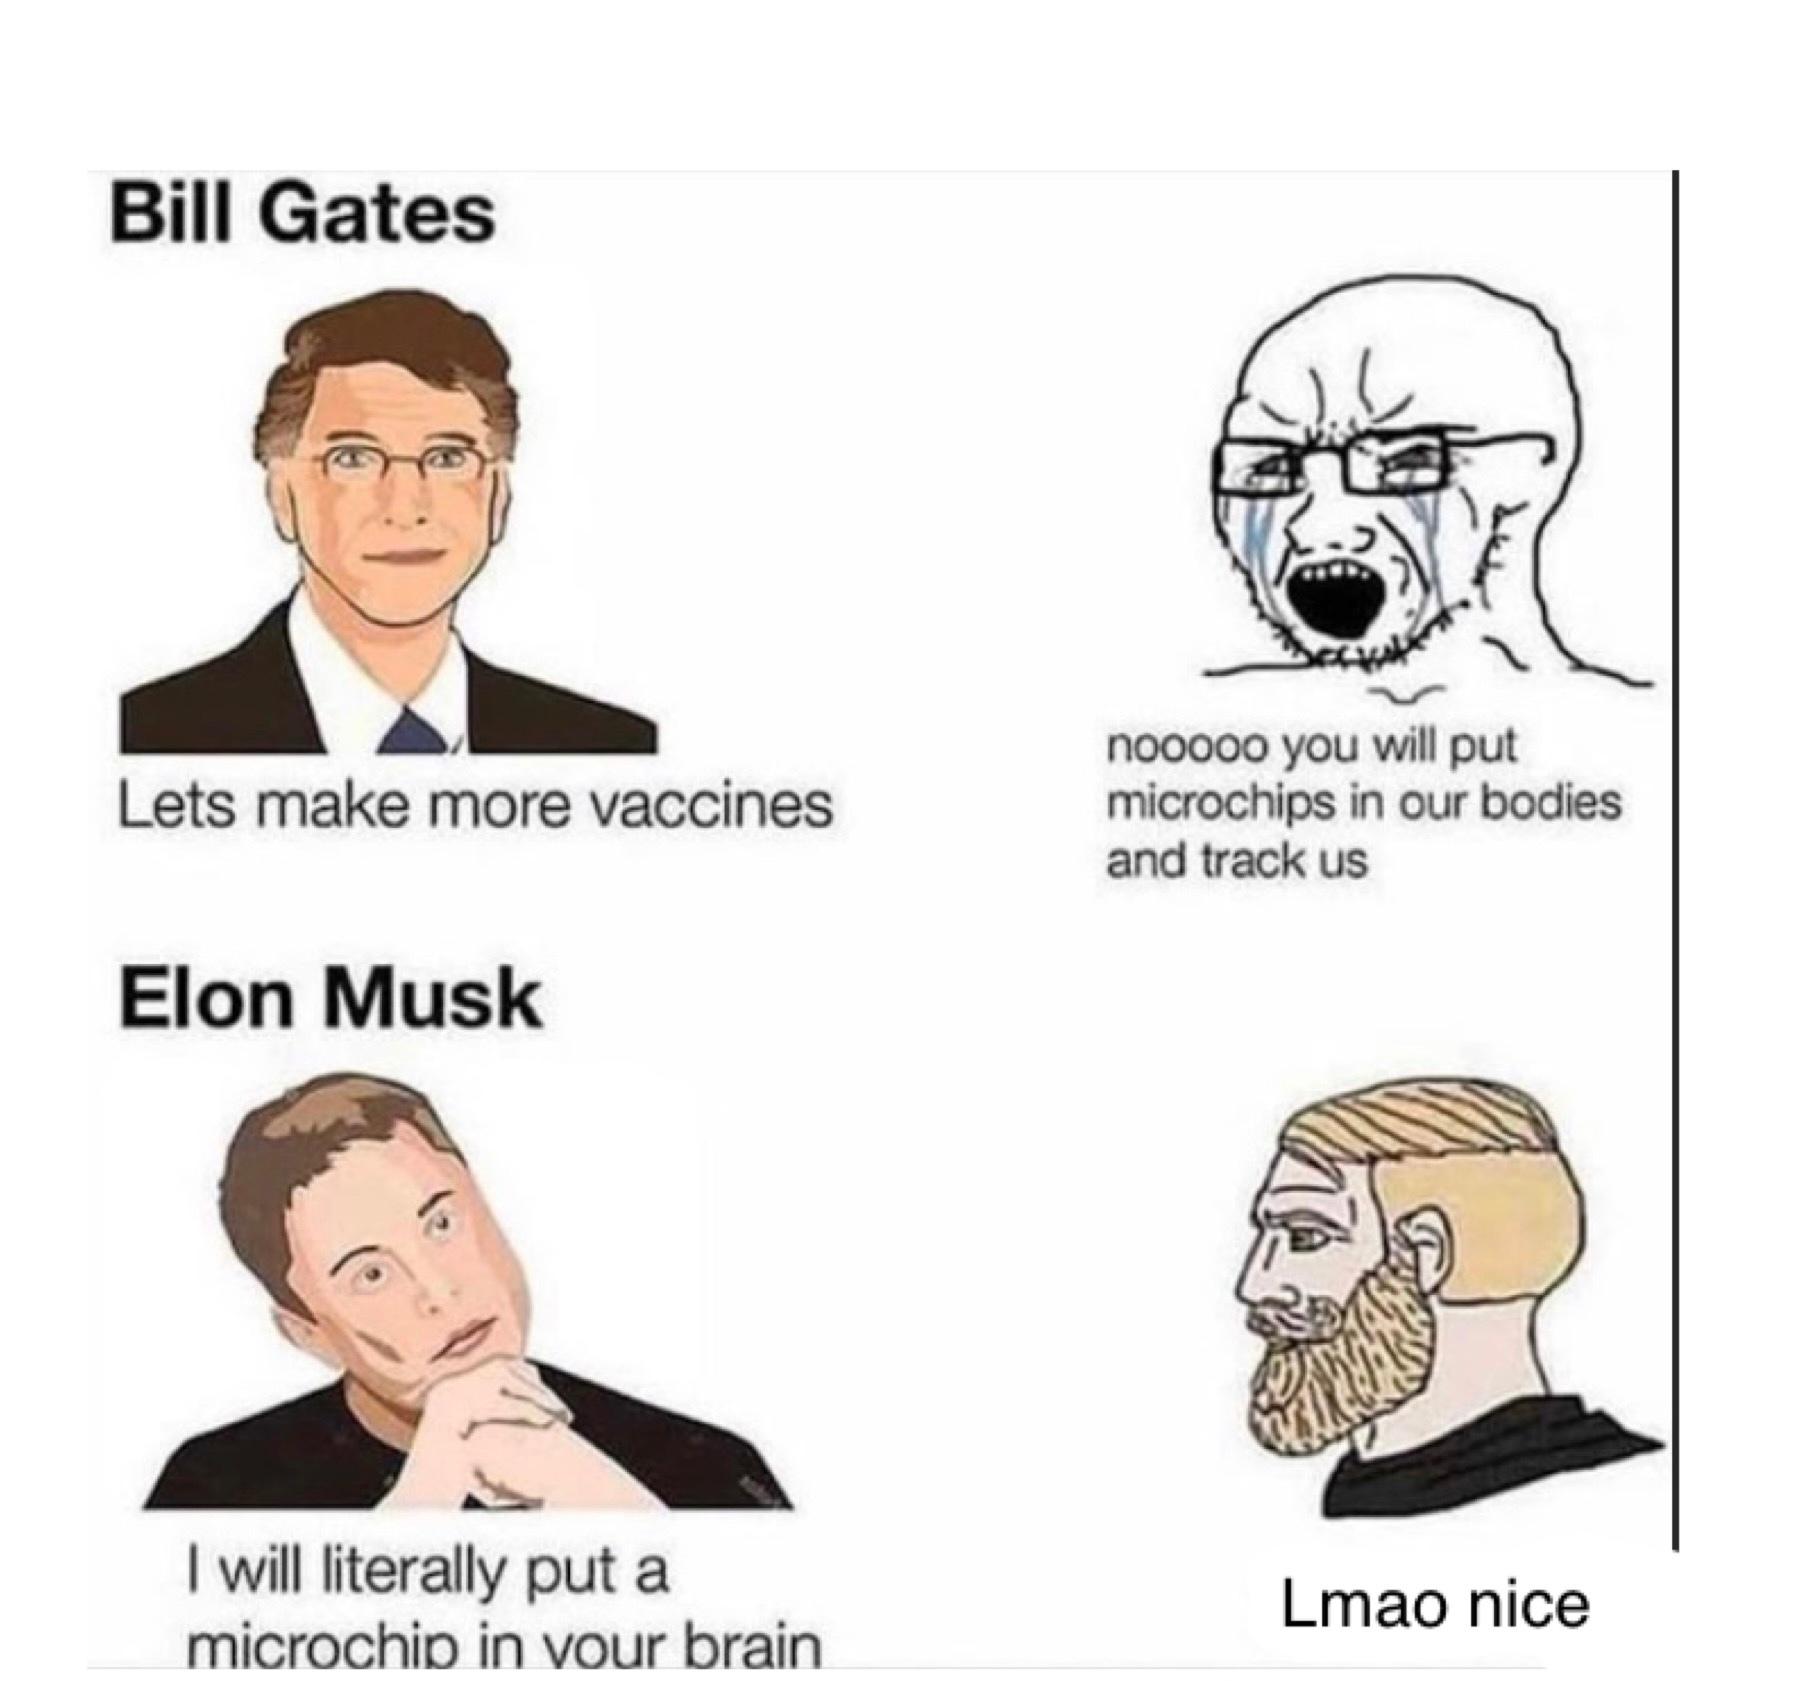 It's a plandemic - meme